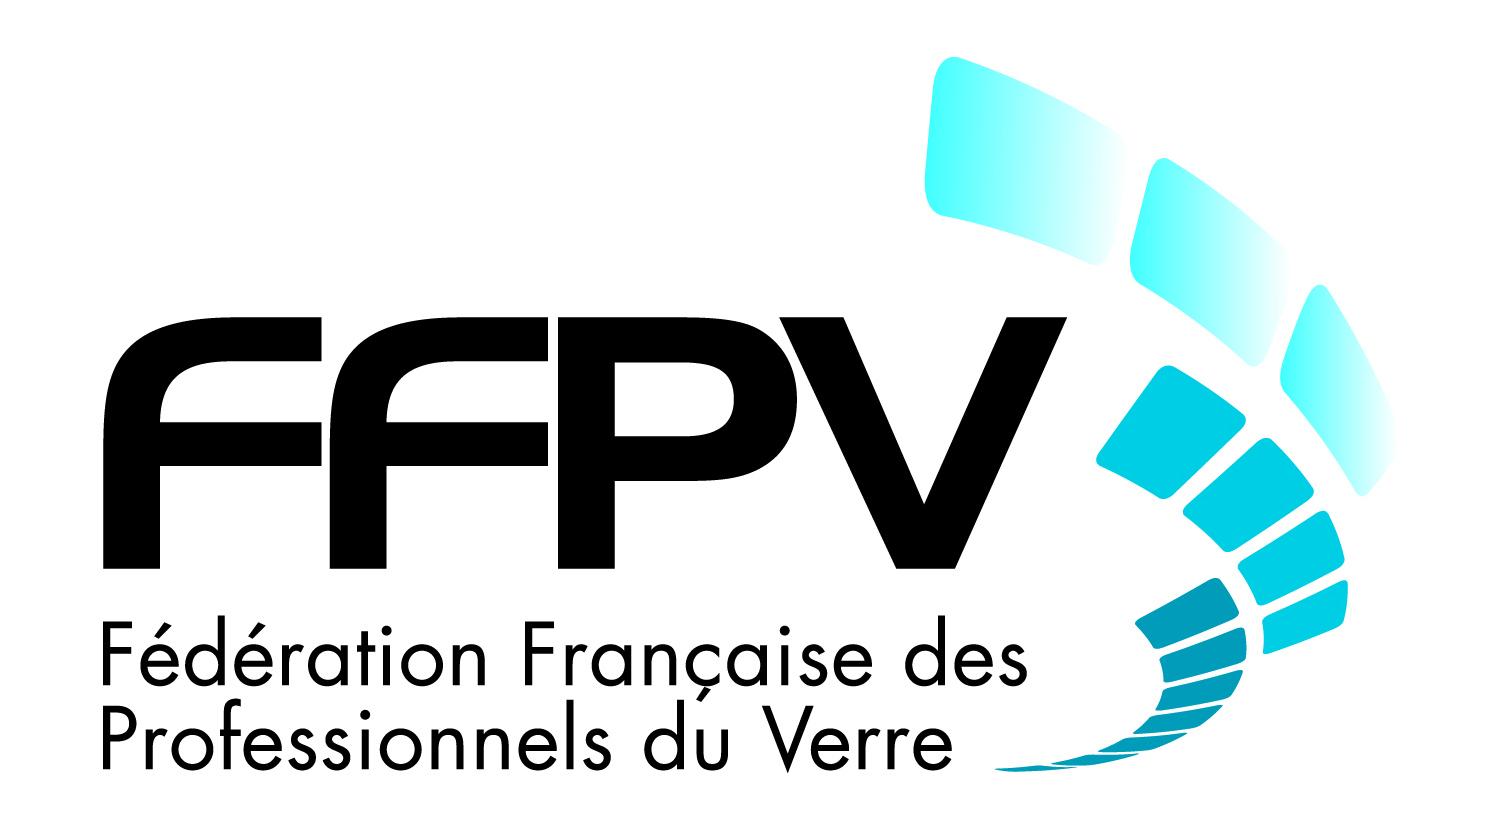 logo_FFPV_Fédération_Française_des_Professionnels_du_Verre